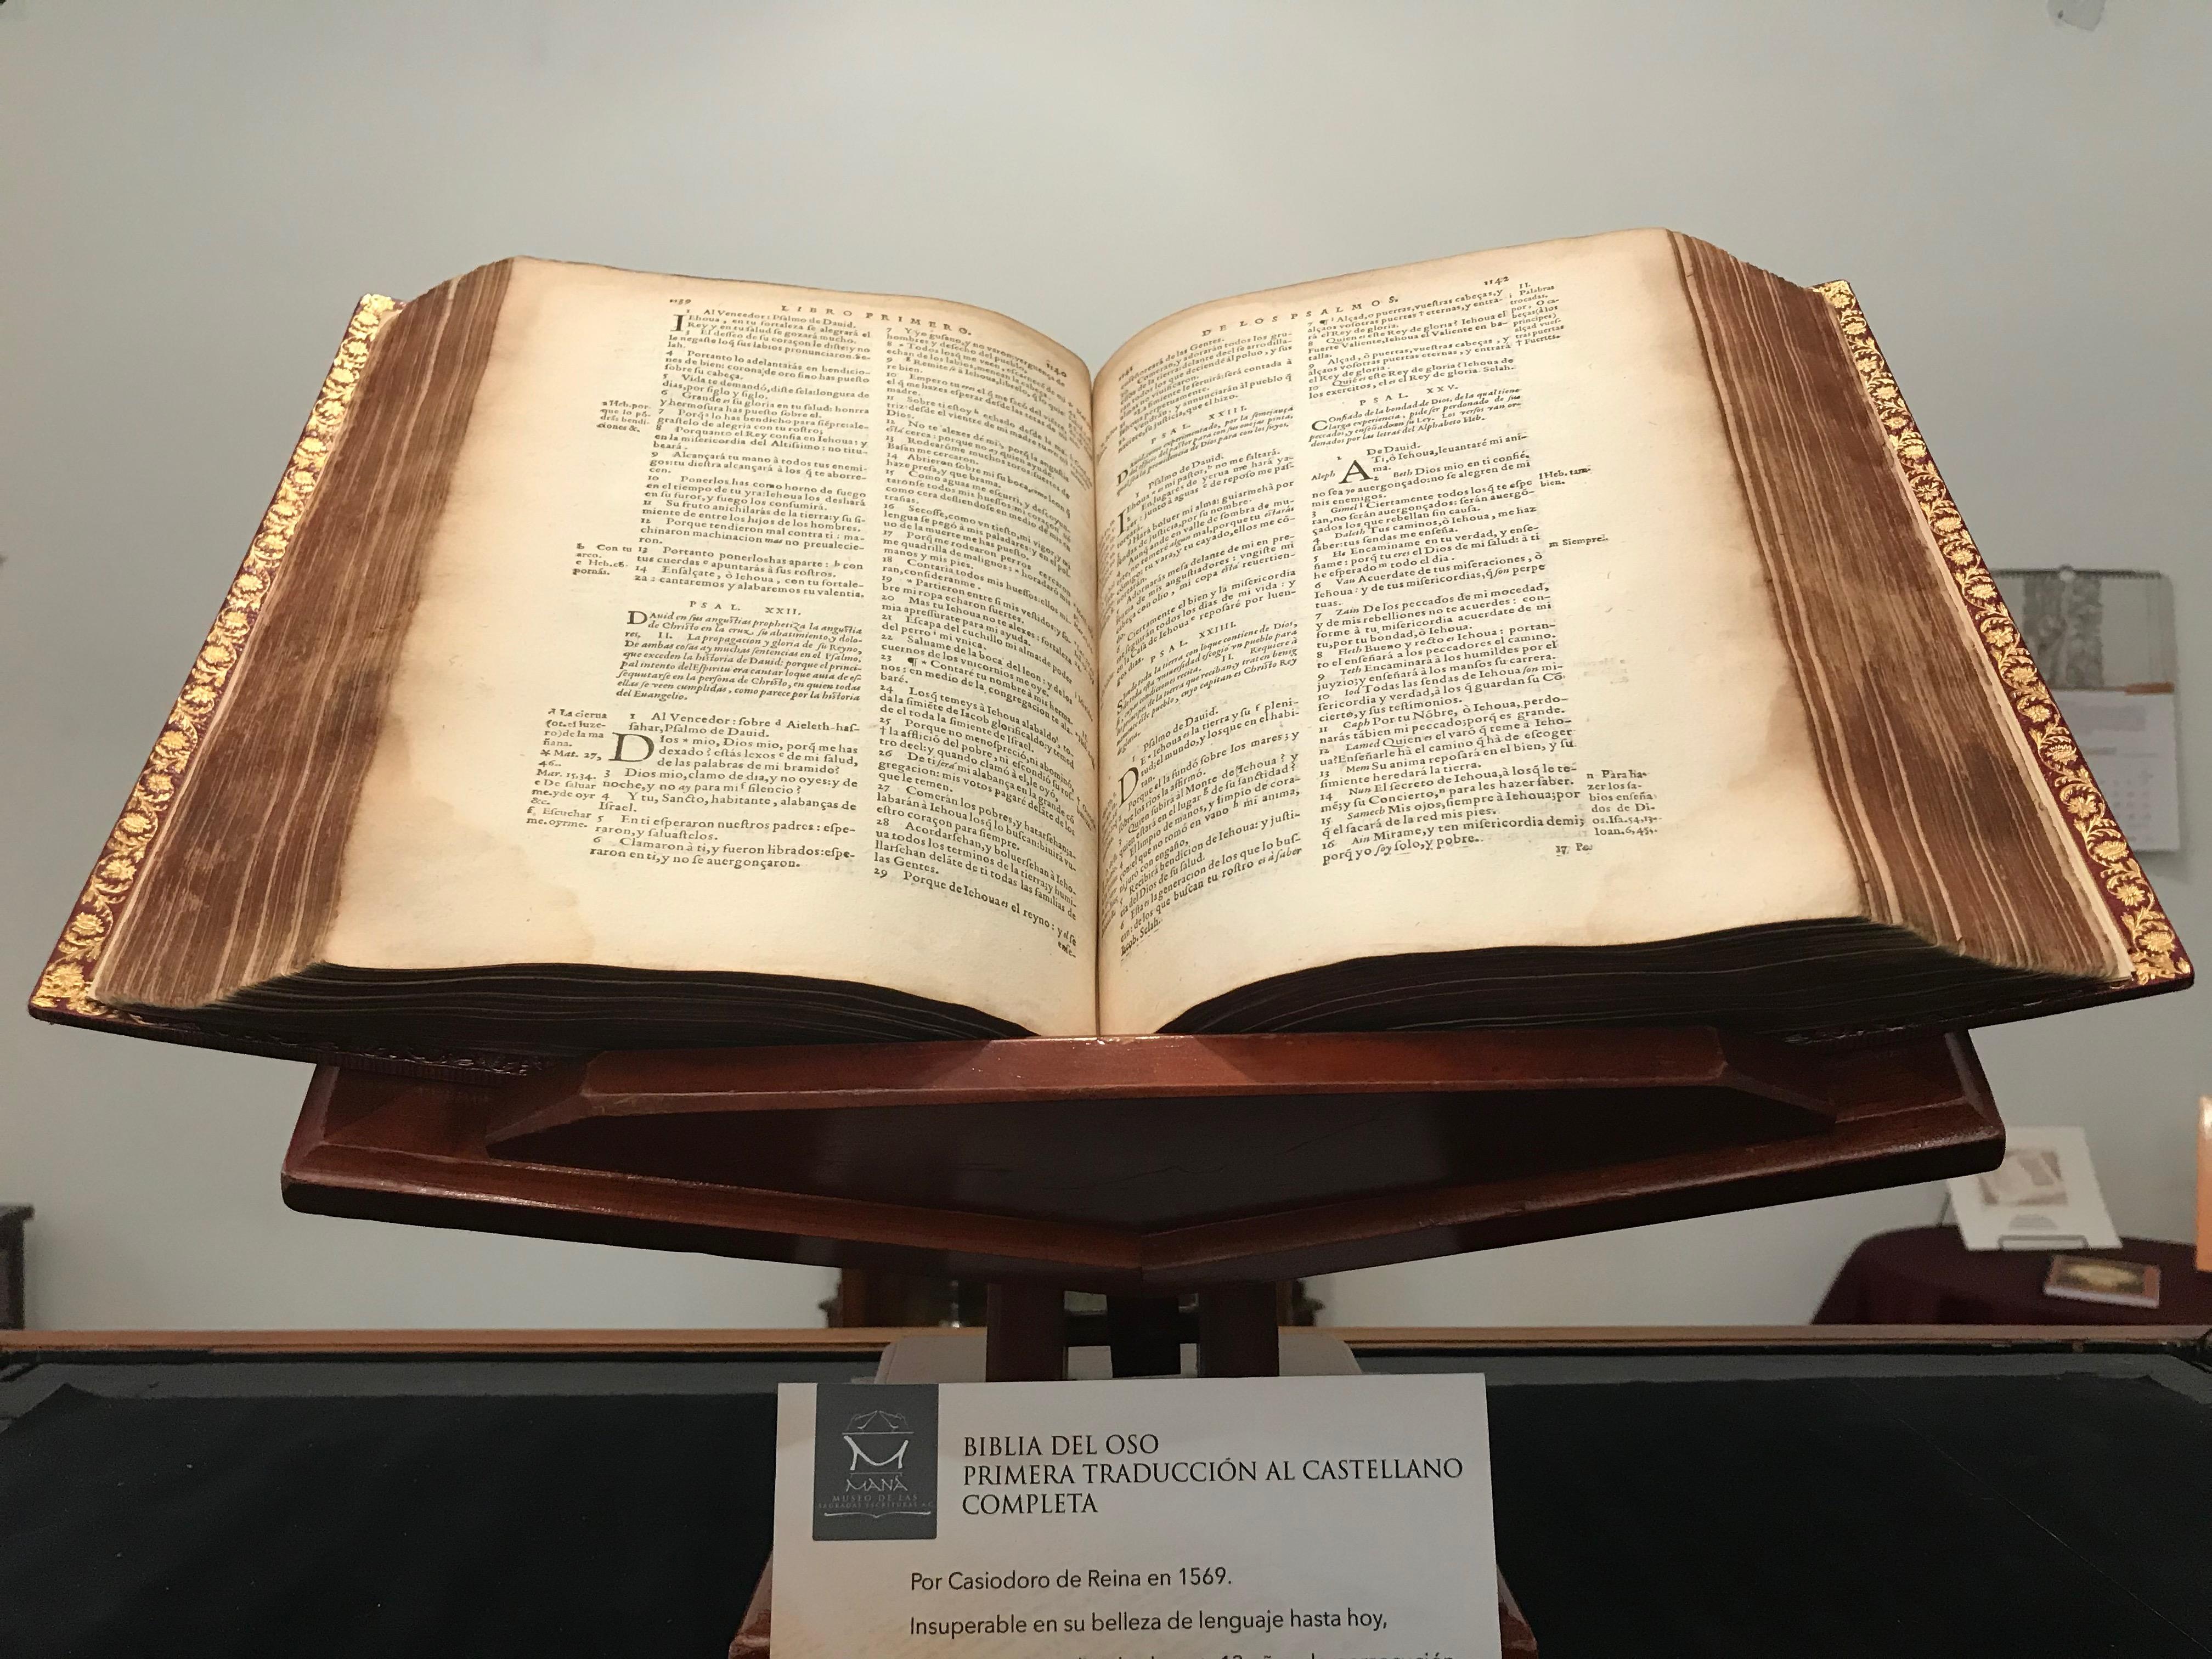 La Biblia tiene su museo - Máspormás